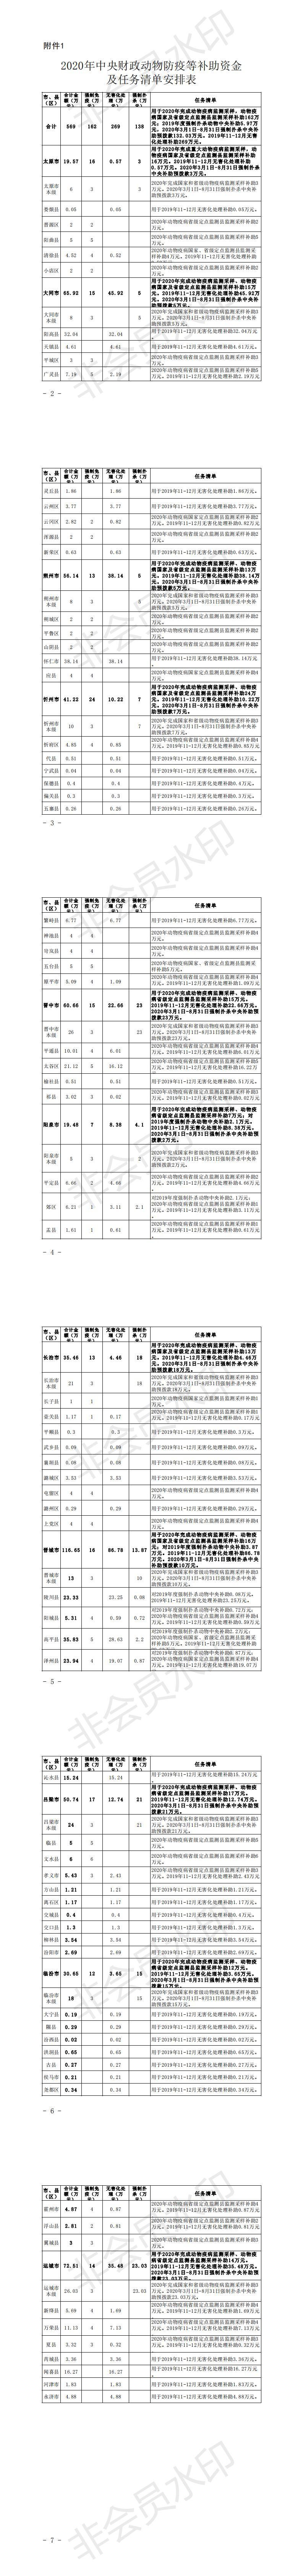 山西省农业农村厅关于下达2020年中央动物防疫补助资金计划的通知